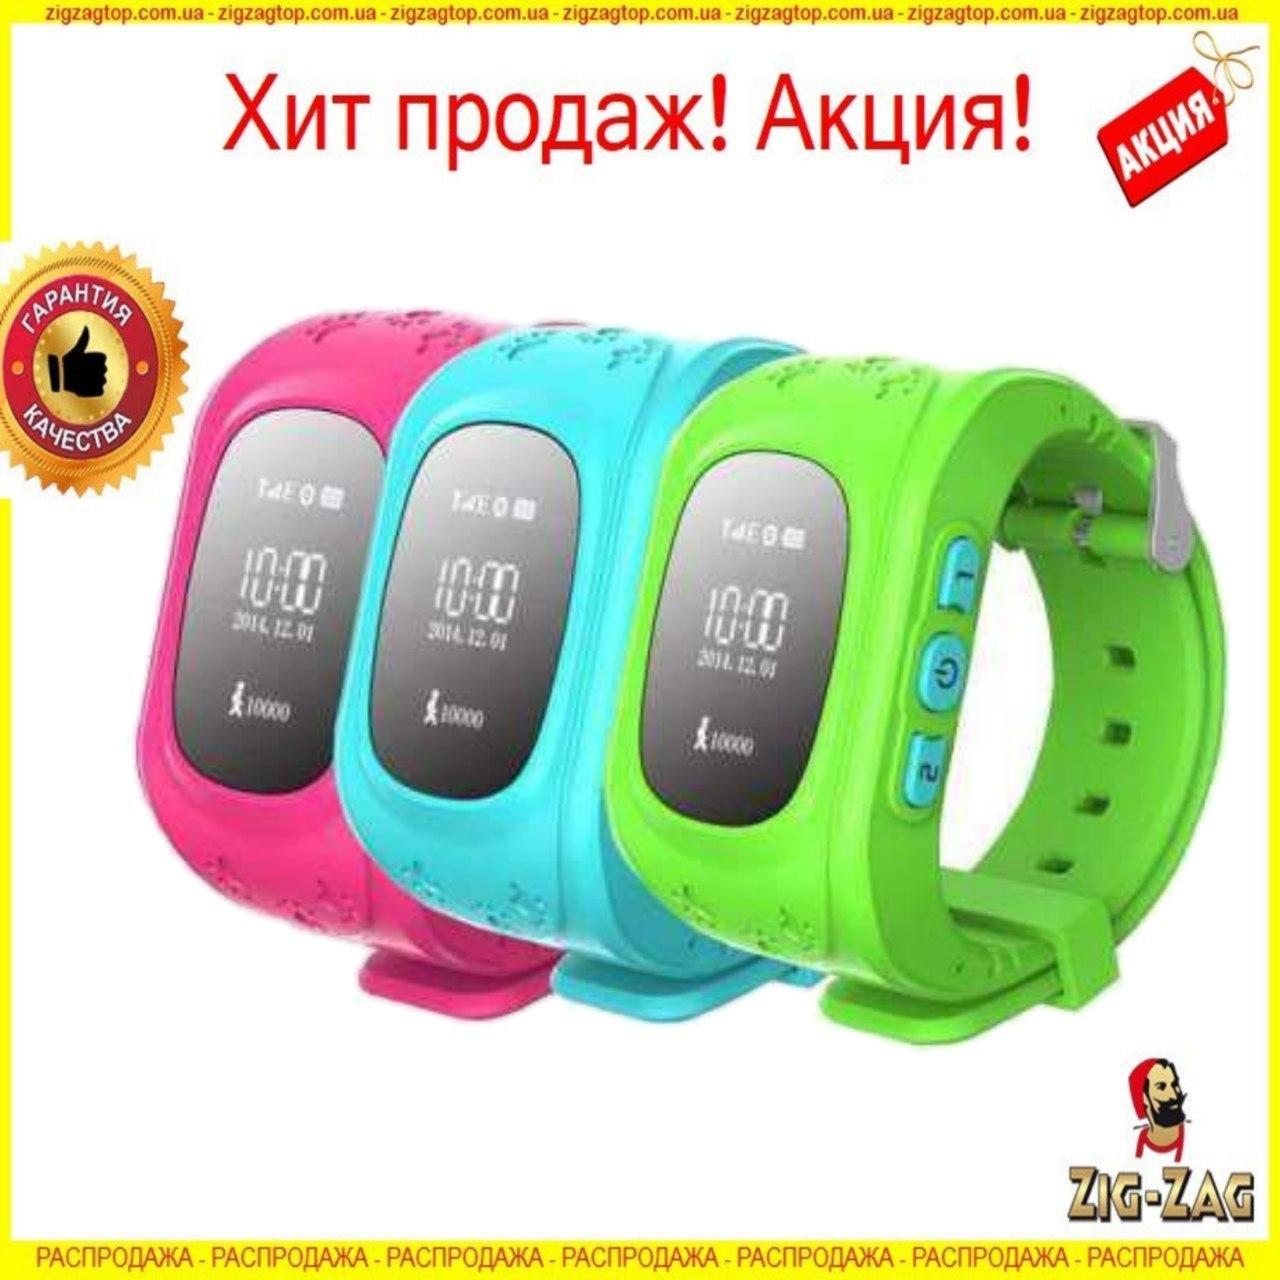 Дитячі Наручні Розумні годинник Smart Baby Watch Q50 з GPS,Відстеження Кнопкою SOS Камерою Смарт для Дитини NEW!